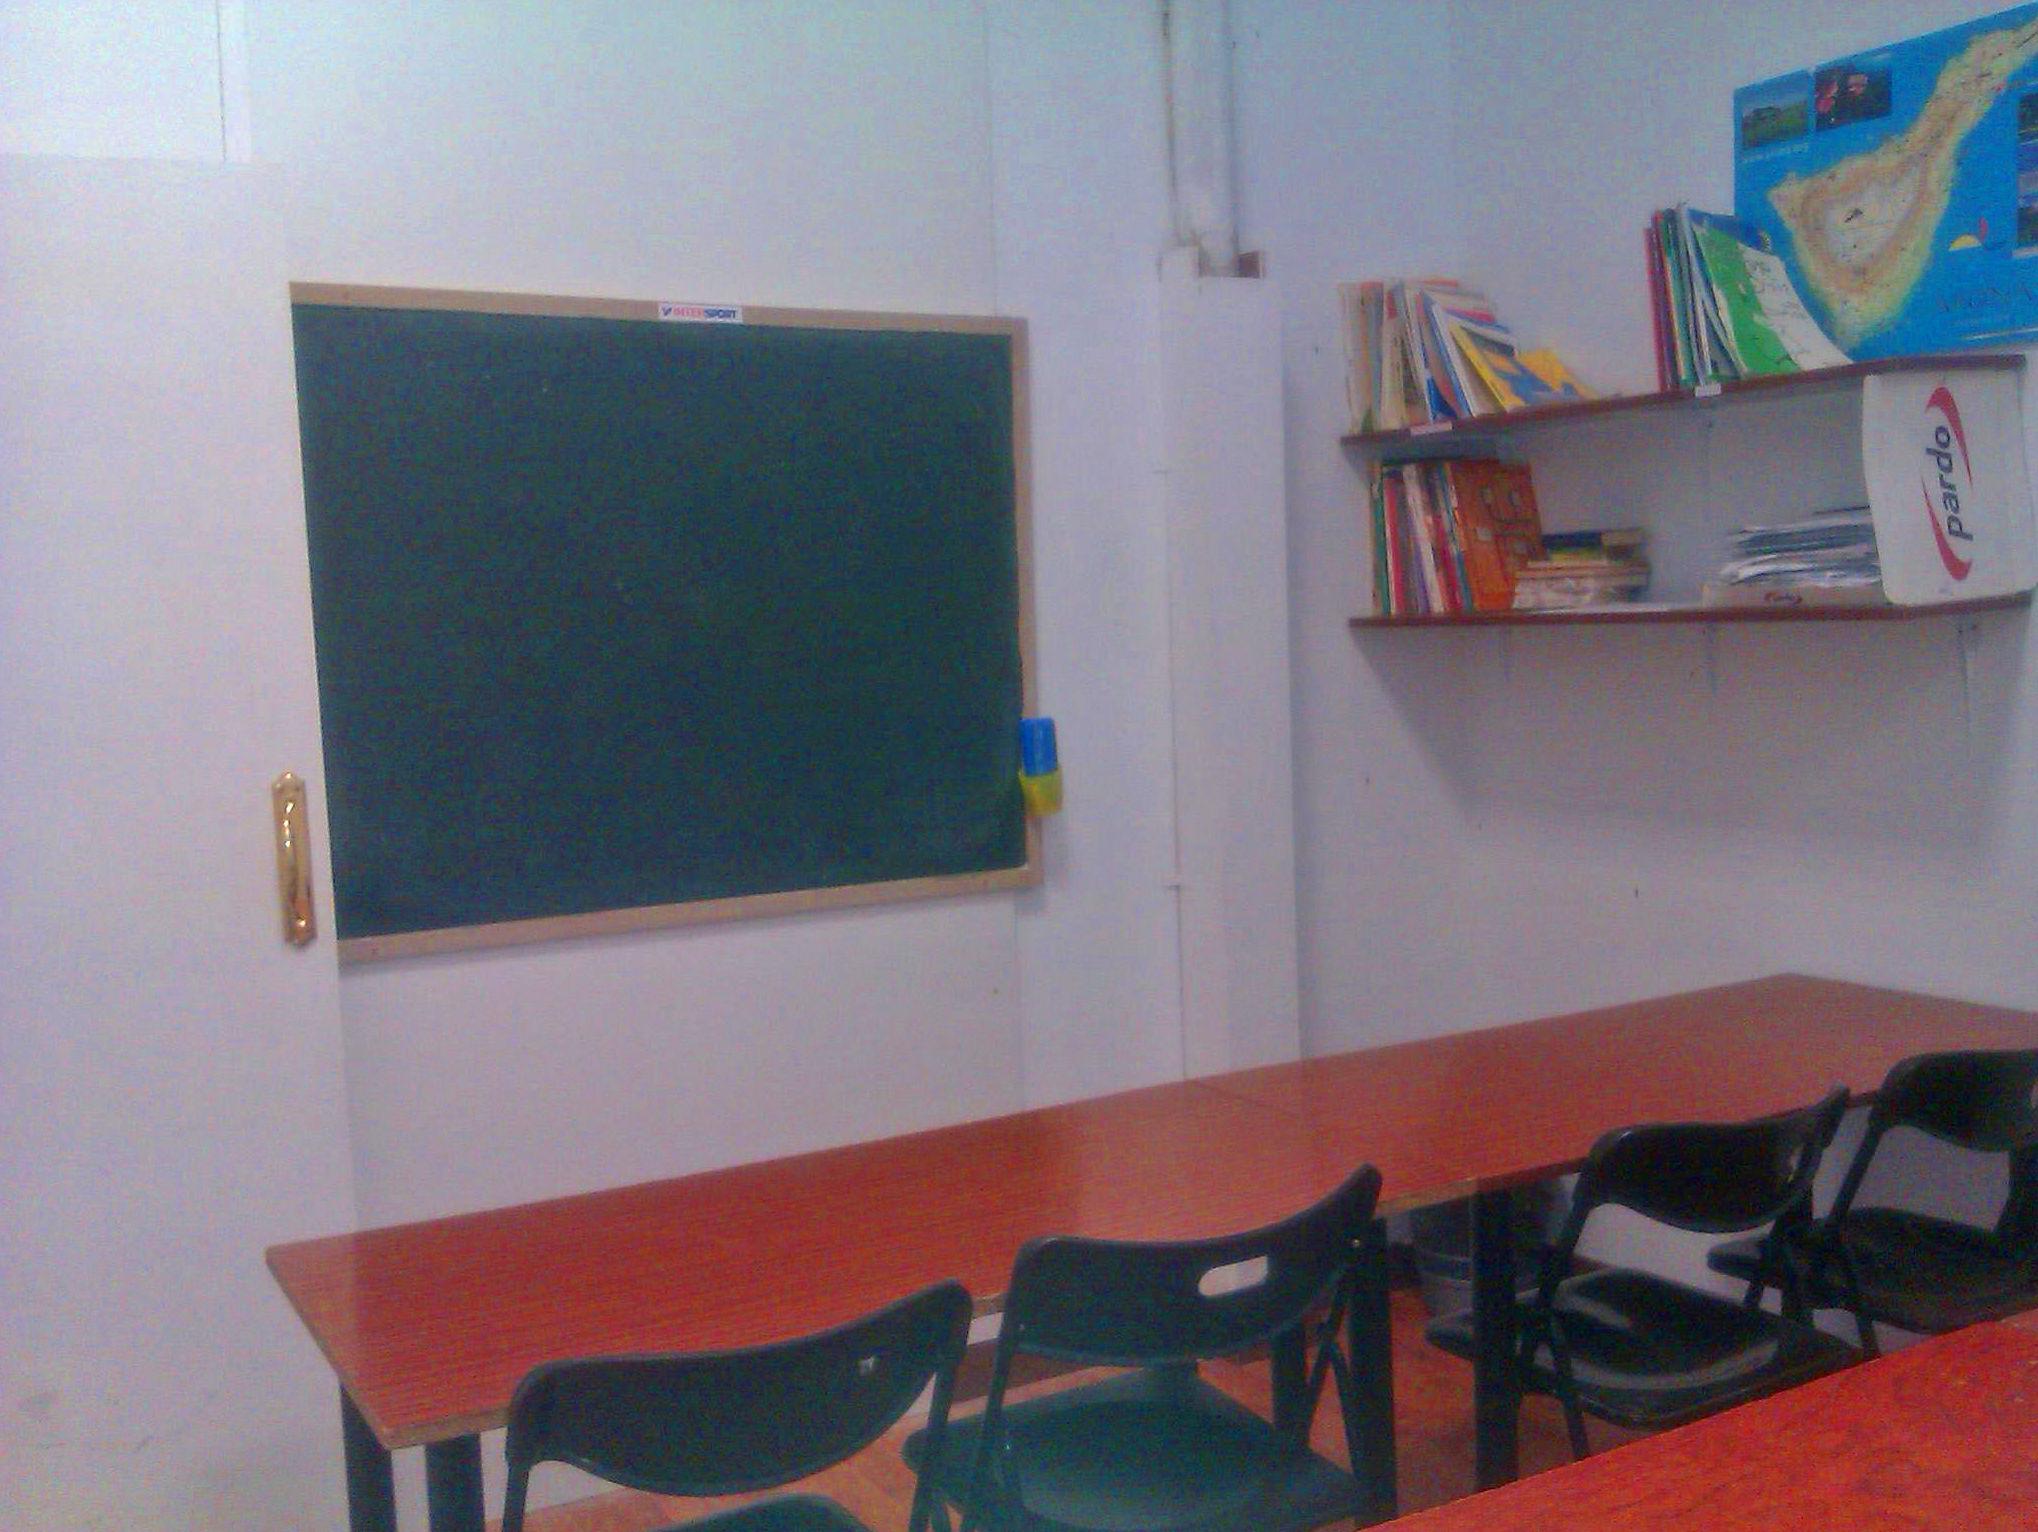 Aula de la academia TENERIFE LOS CRISTIANOS